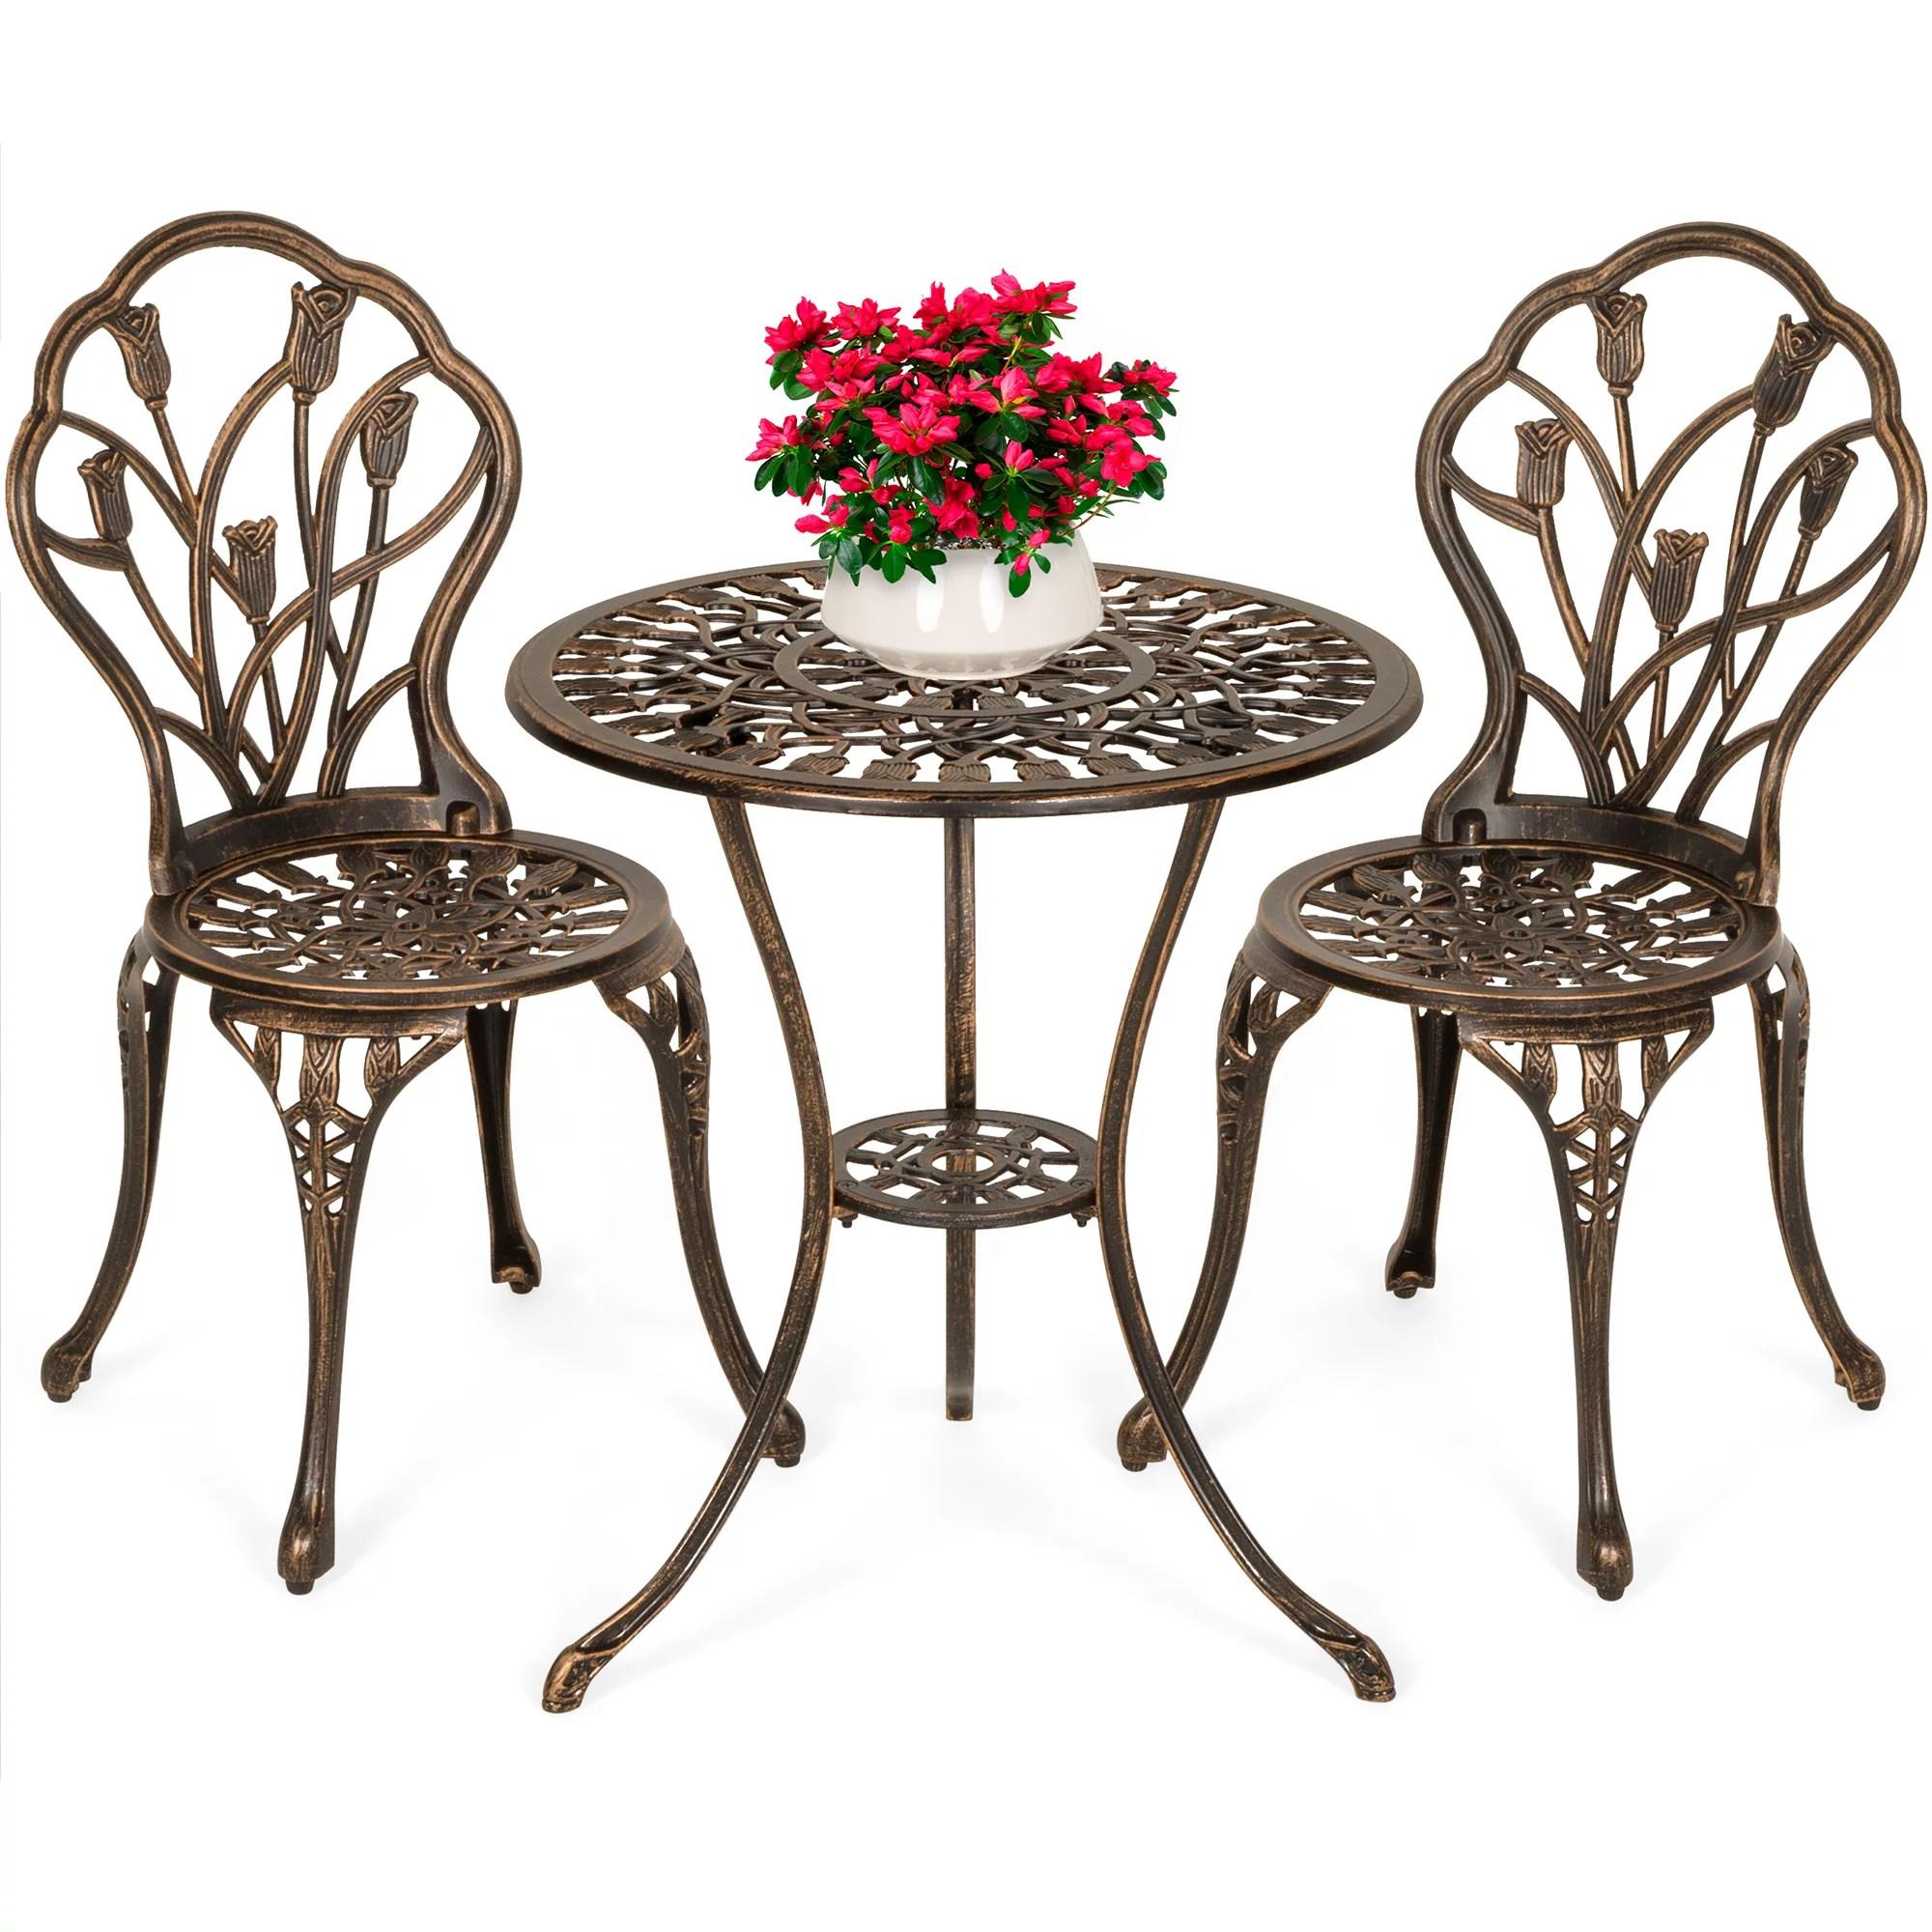 best choice products 3 piece cast aluminum patio bistro furniture set w antique copper finish walmart com